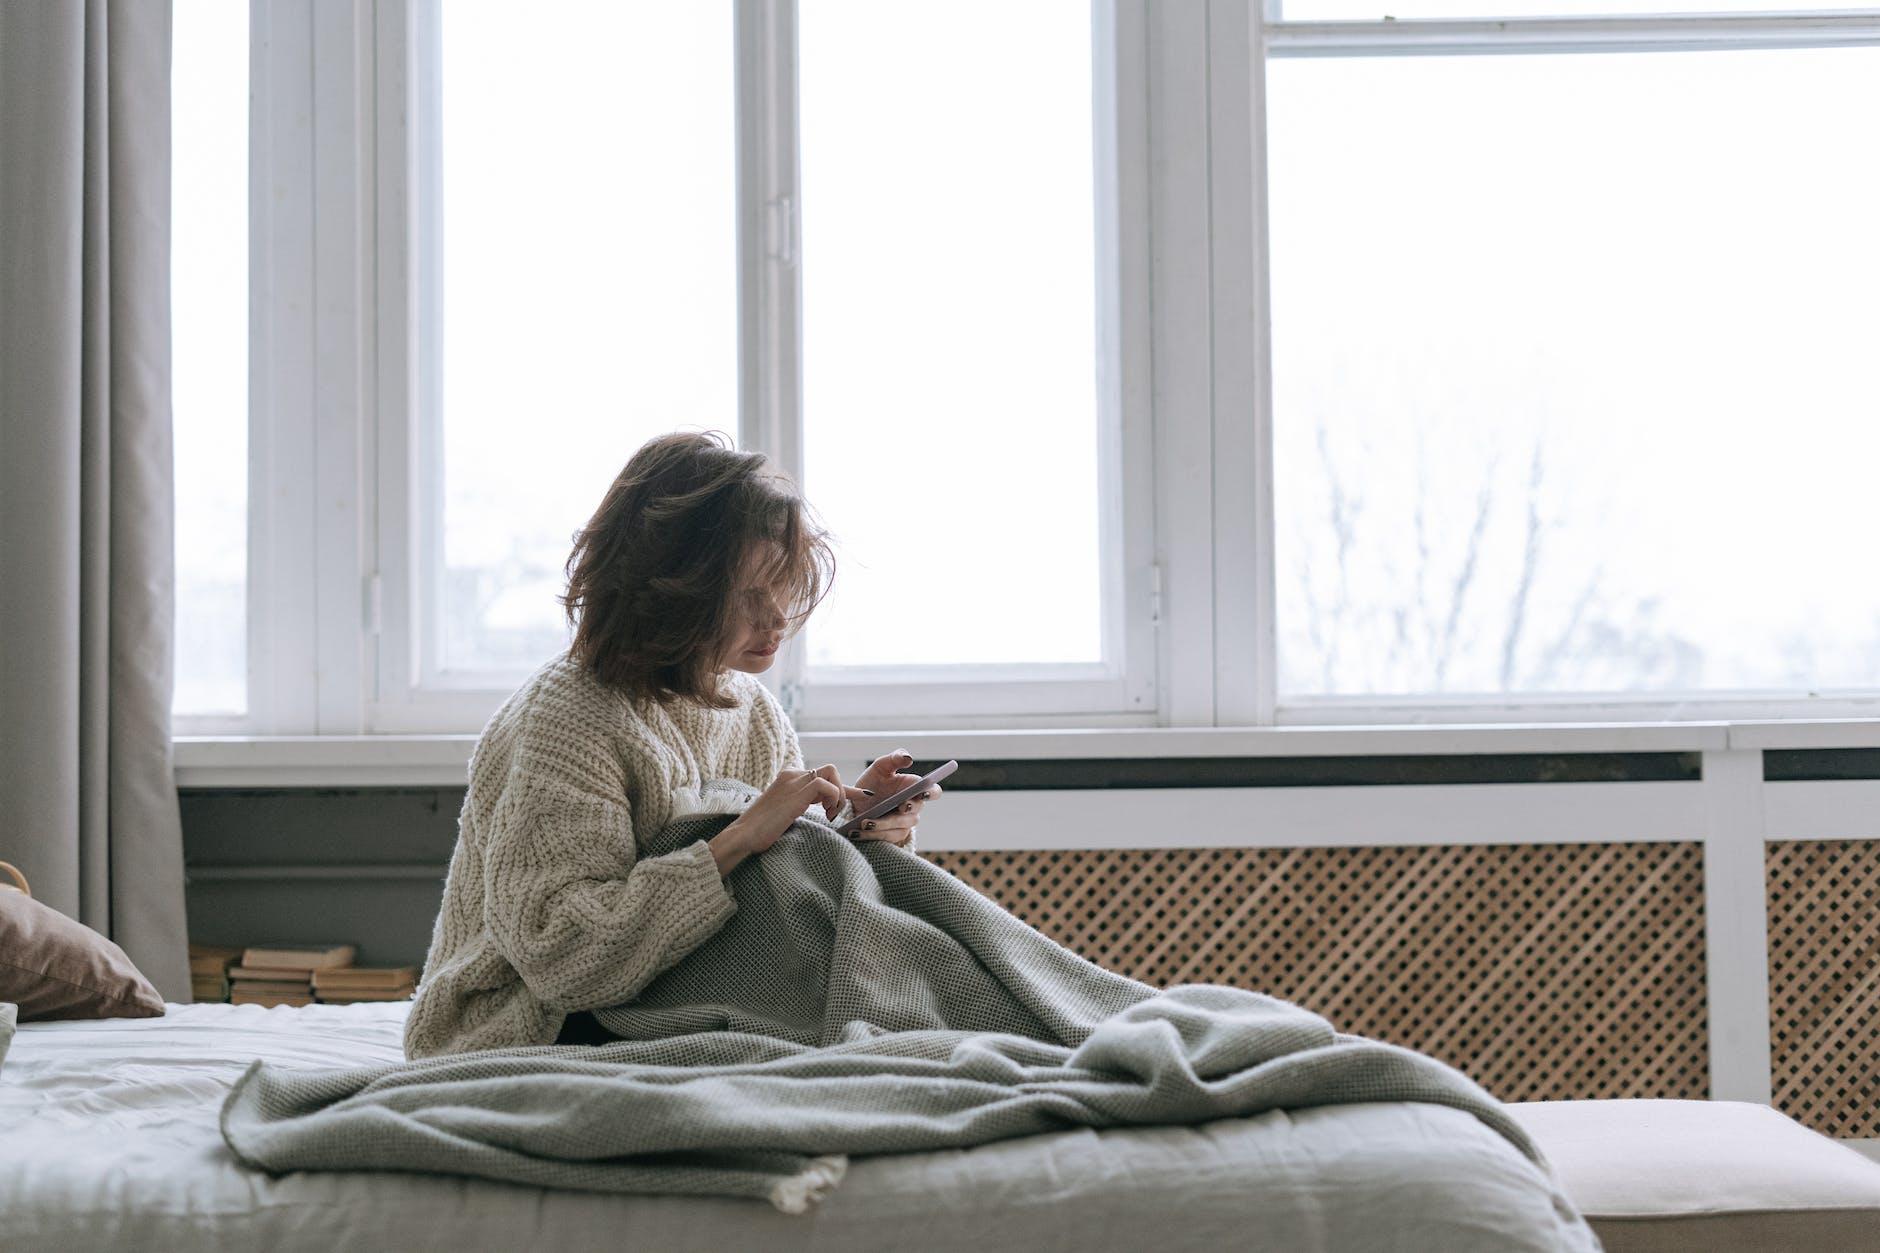 kurang tidur tidak menyehatkan